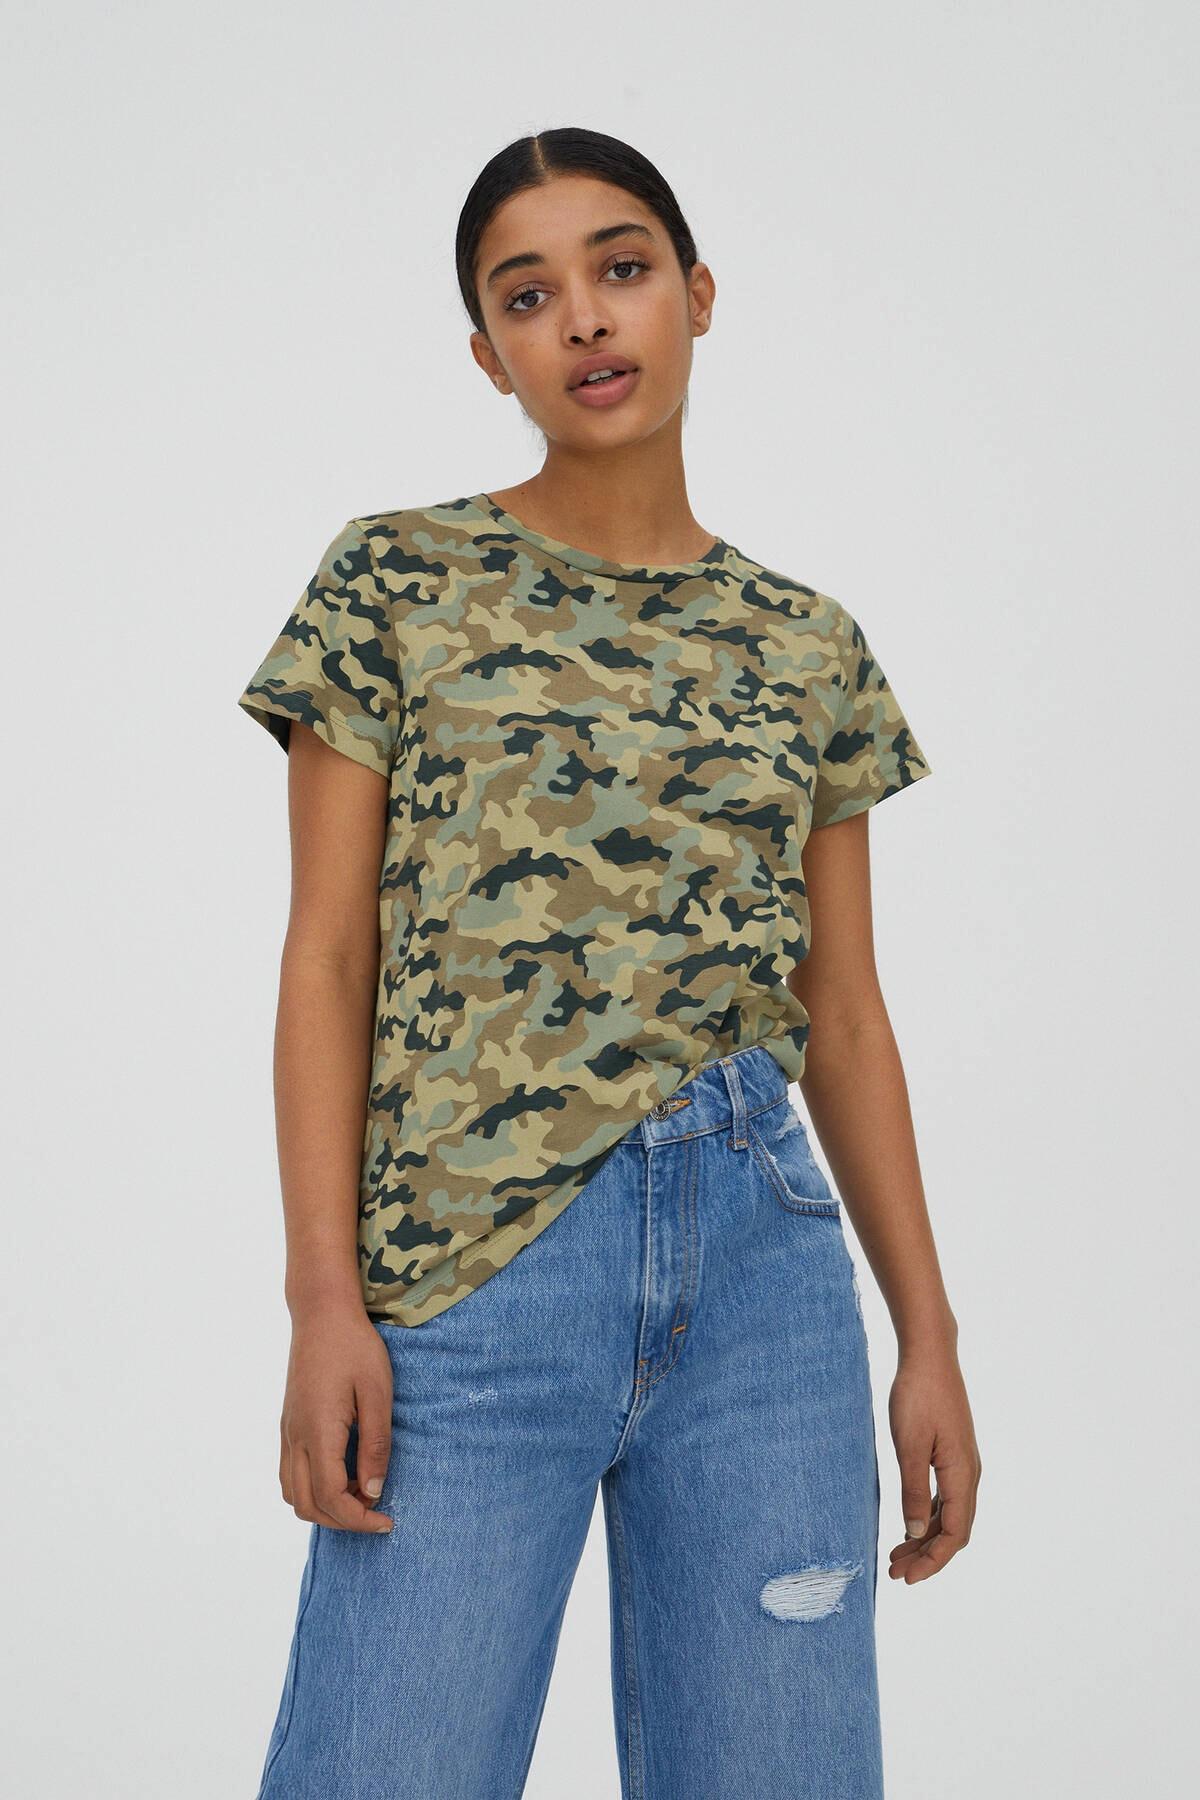 Pull & Bear Kadın Haki Kamuflaj Desenli T-Shirt 05236338